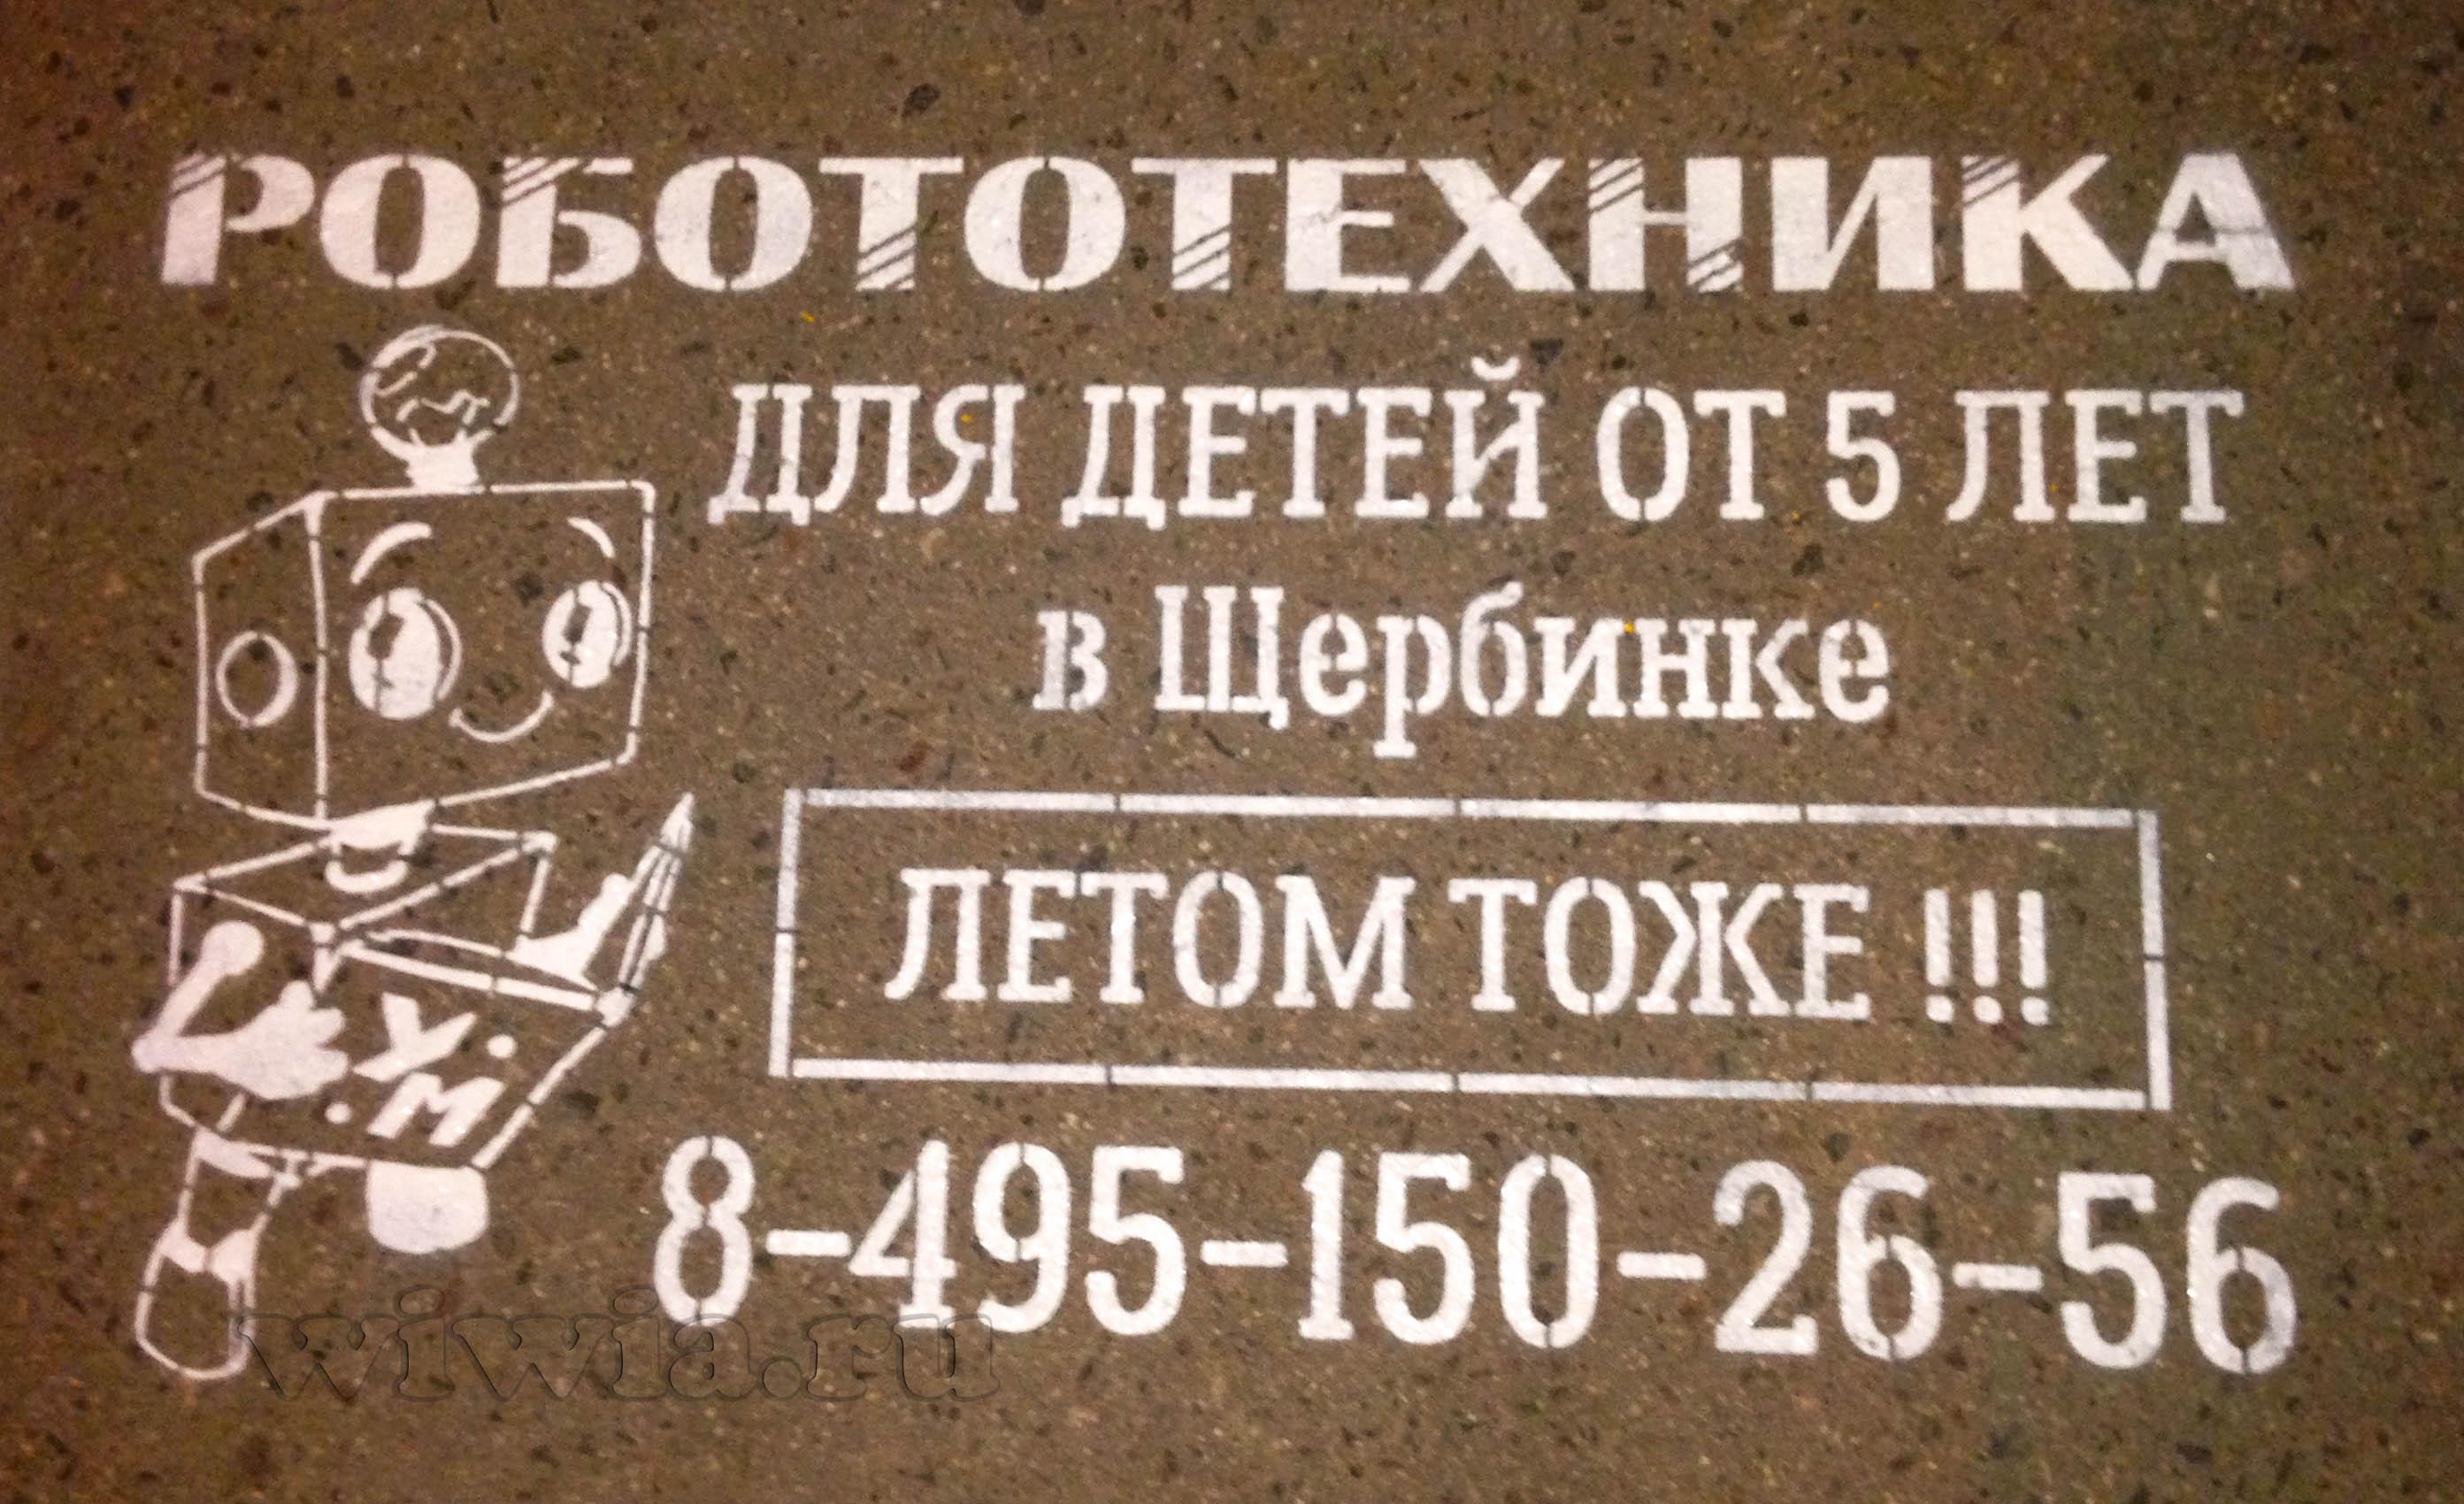 Реклама на асфальте. Робототехника.